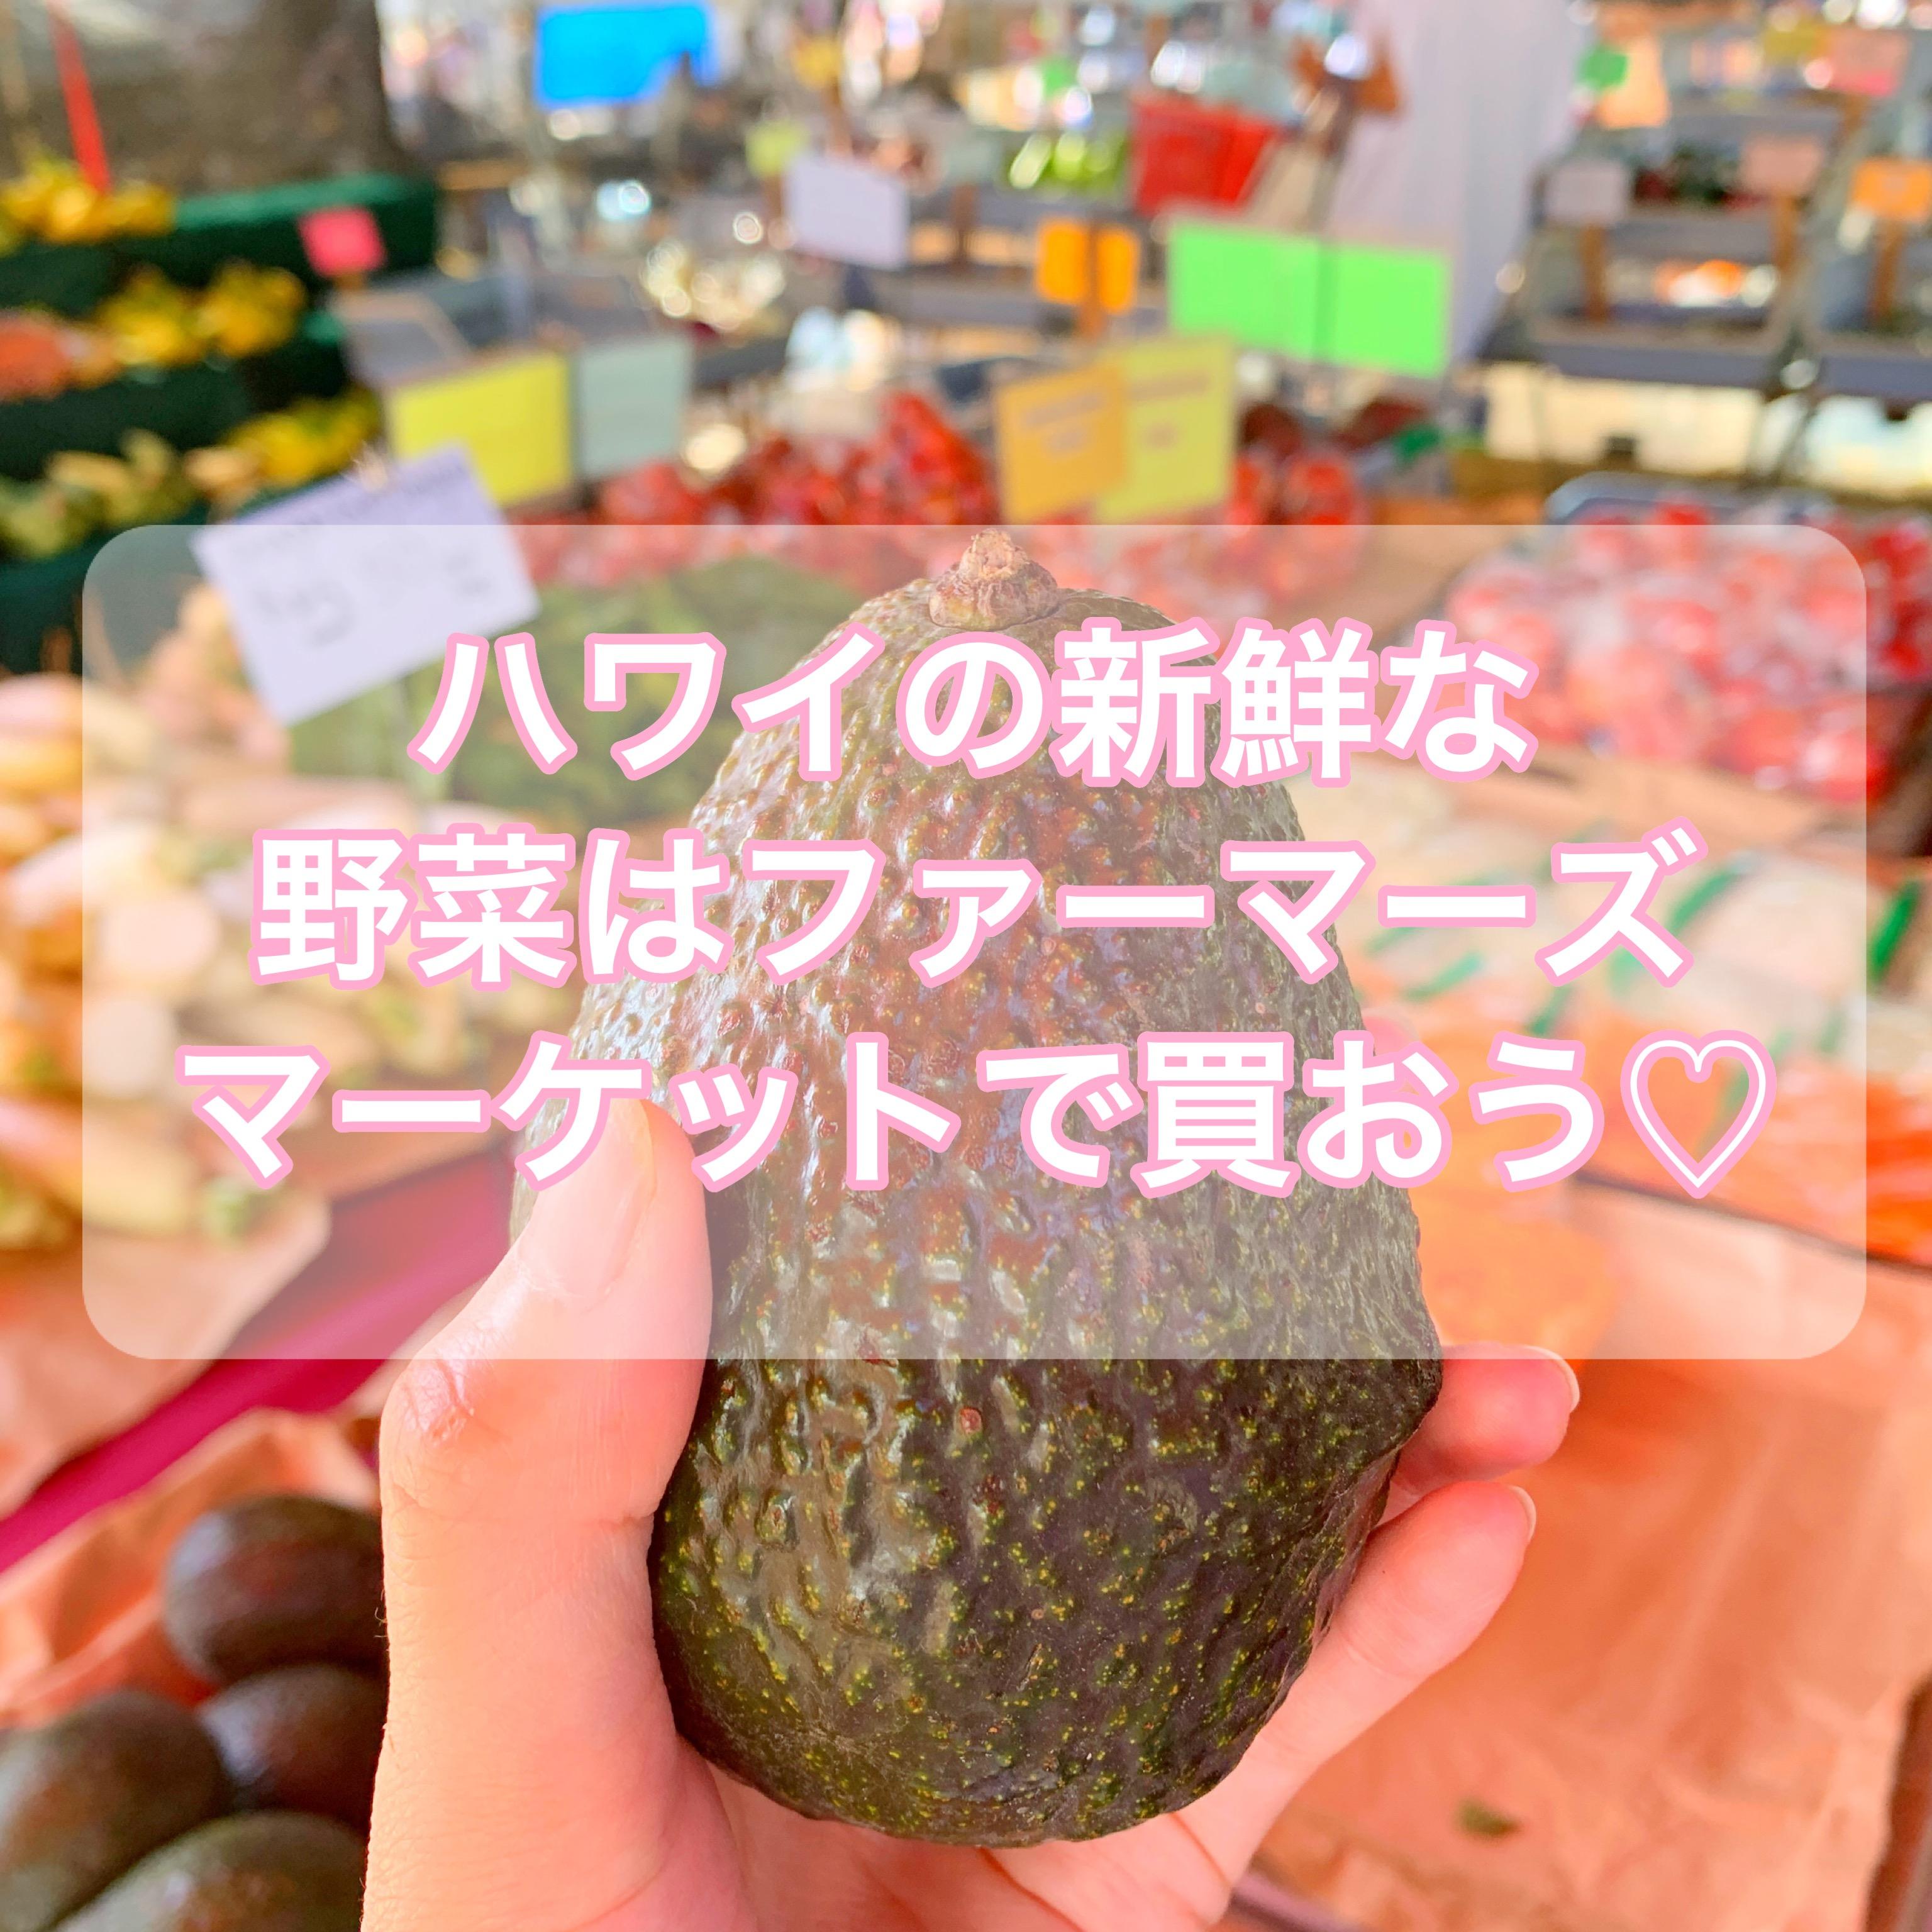 【ハワイ朝市】「KCC ・ファーマーズ・マーケット」【新鮮野菜が安い】